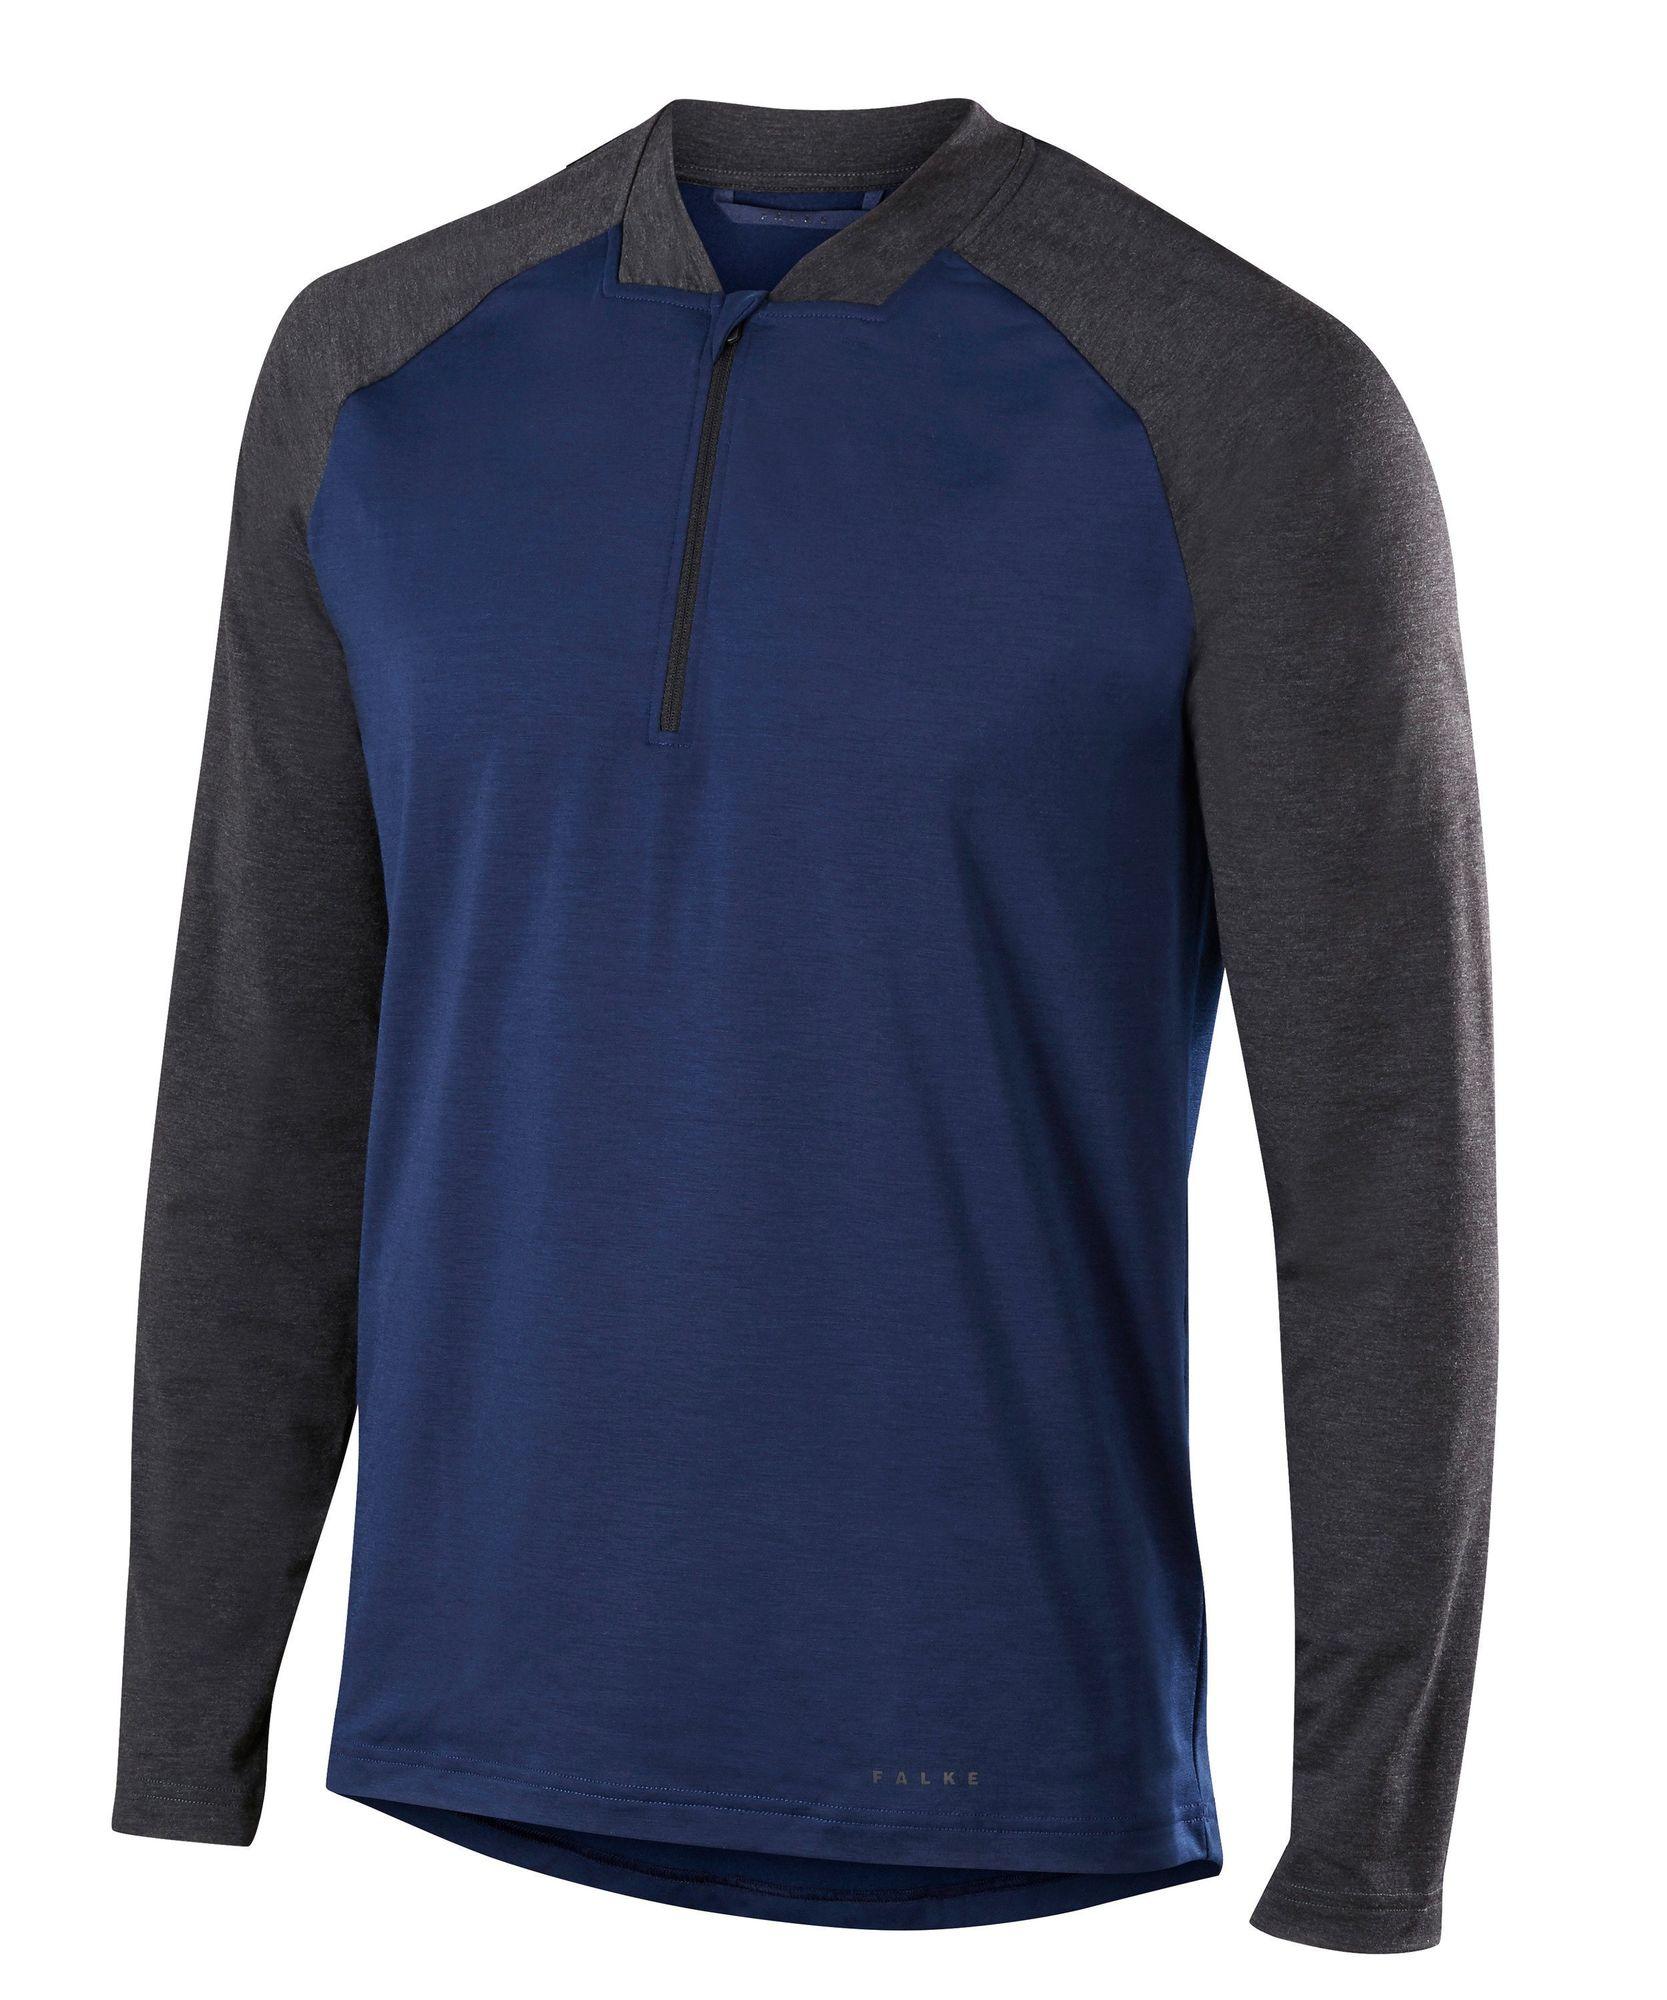 Falke Running Langarmshirt in Blau